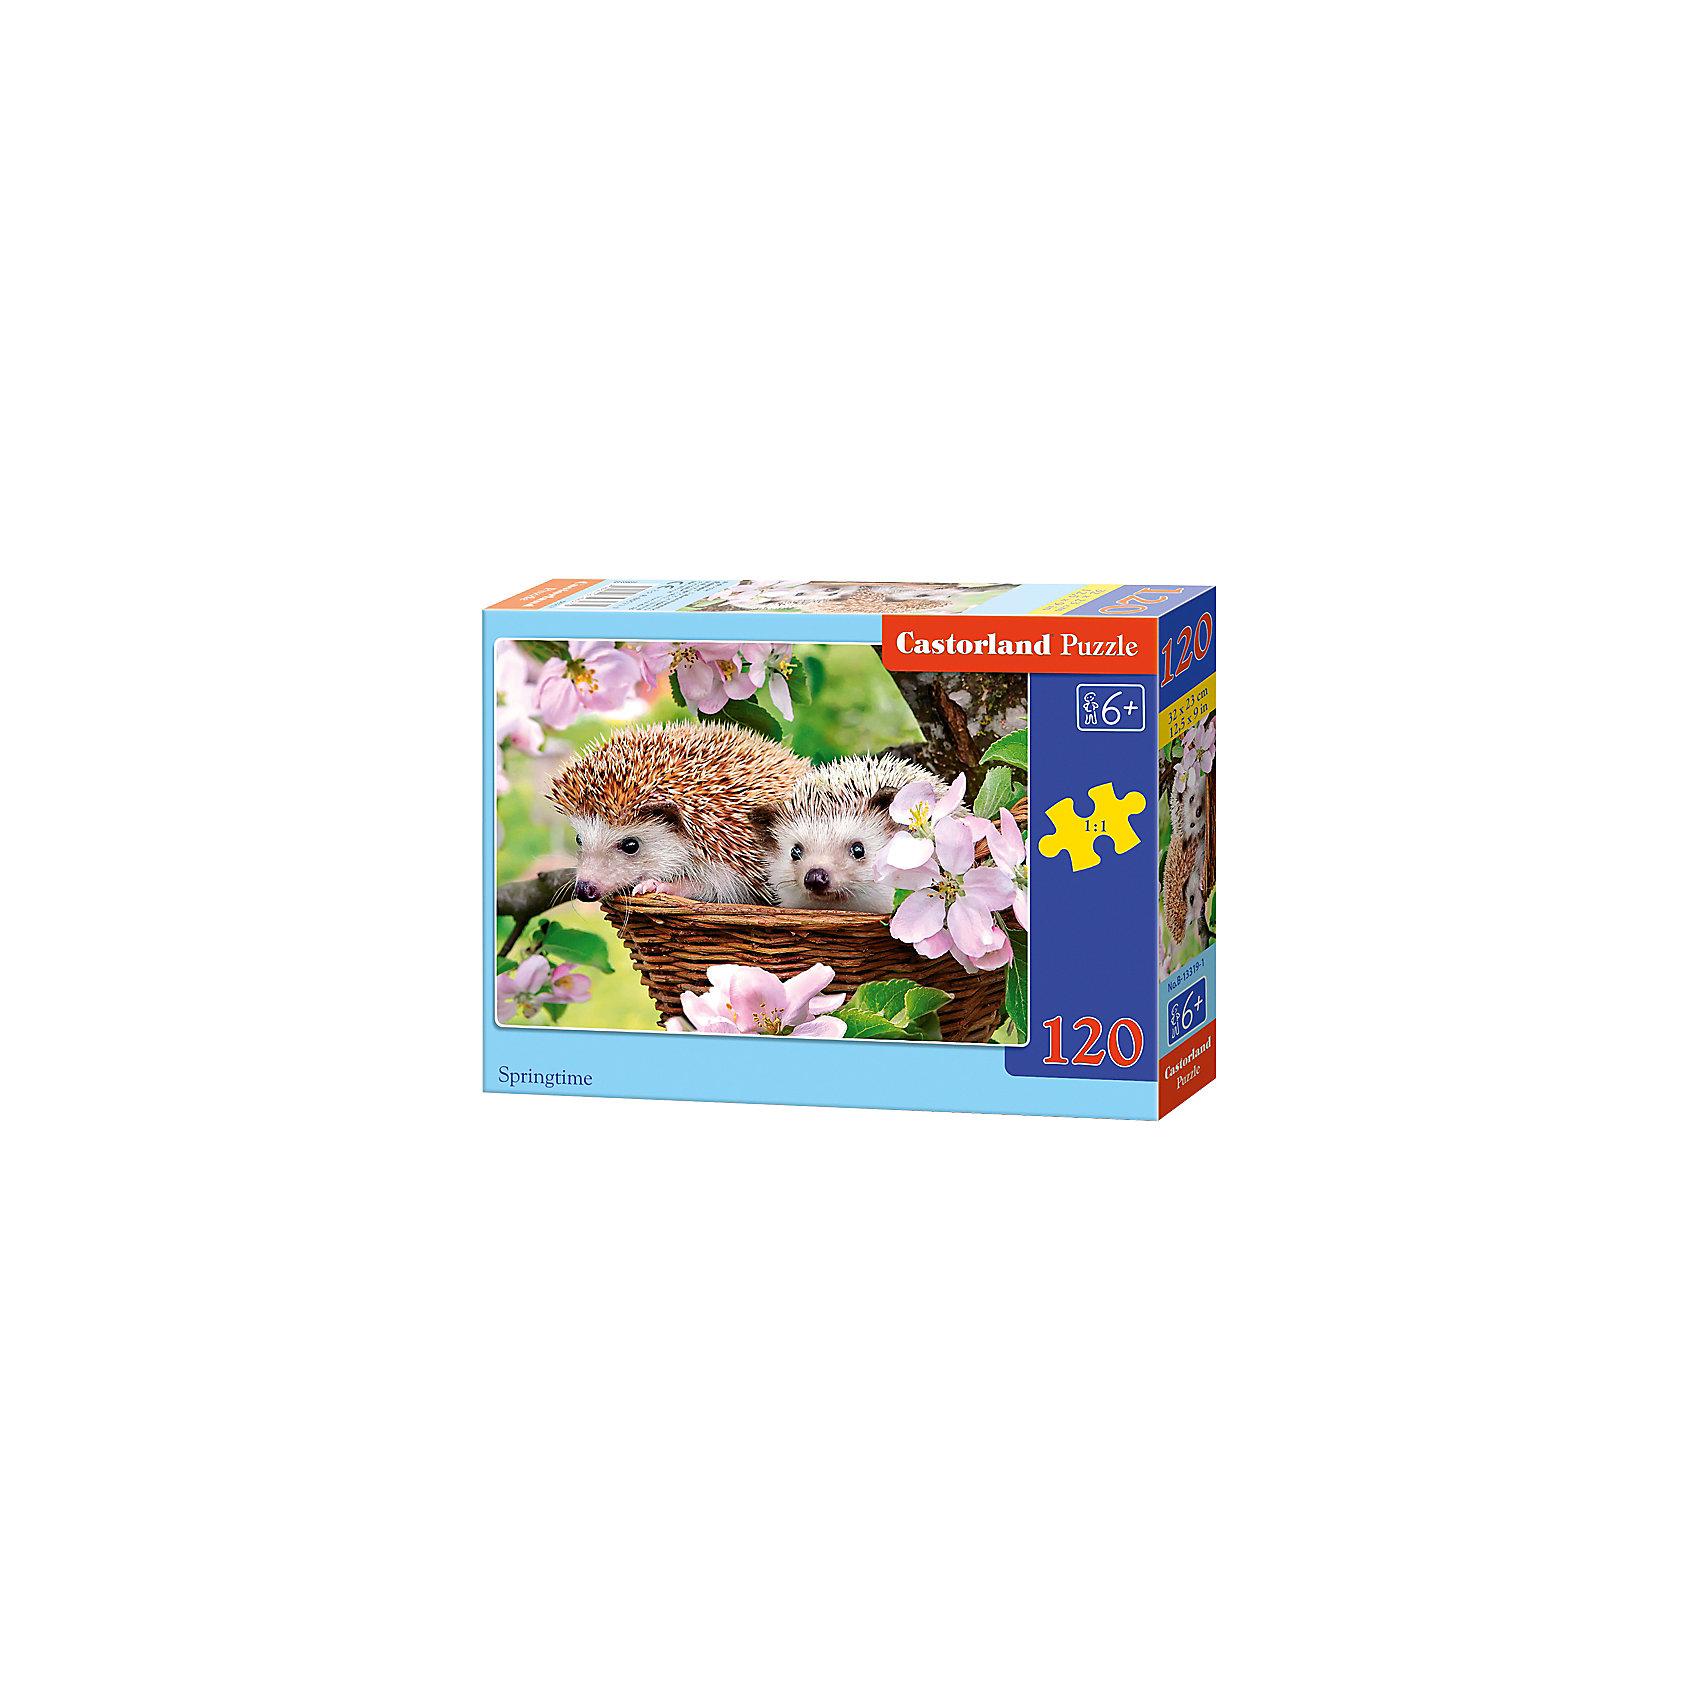 Пазл Castorland Ежики, 120 деталейПазлы для детей постарше<br>Характеристики:<br><br>• возраст: от 6 лет<br>• количество деталей: 120 шт.<br>• размер собранного пазла: 32х23 см.<br>• материал: картон<br>• упаковка: картонная коробка<br>• размер упаковки: 17,5x3,7x13 см.<br>• вес: 300 гр.<br>• страна обладатель бренда: Польша<br><br>Пазл «Ежики» от Castorland (Касторленд) отличается высоким качеством, высоким уровнем полиграфии, насыщенными цветами и идеальной стыковкой элементов. Из 120 элементов пазла ребенок соберет красочную картинку, на которой на фоне ярких цветов изображены два ежика в корзинке.<br><br>Пазл Ежики, 120 деталей, Castorland (Касторленд) можно купить в нашем интернет-магазине.<br><br>Ширина мм: 175<br>Глубина мм: 130<br>Высота мм: 37<br>Вес г: 300<br>Возраст от месяцев: 72<br>Возраст до месяцев: 2147483647<br>Пол: Унисекс<br>Возраст: Детский<br>SKU: 6725102